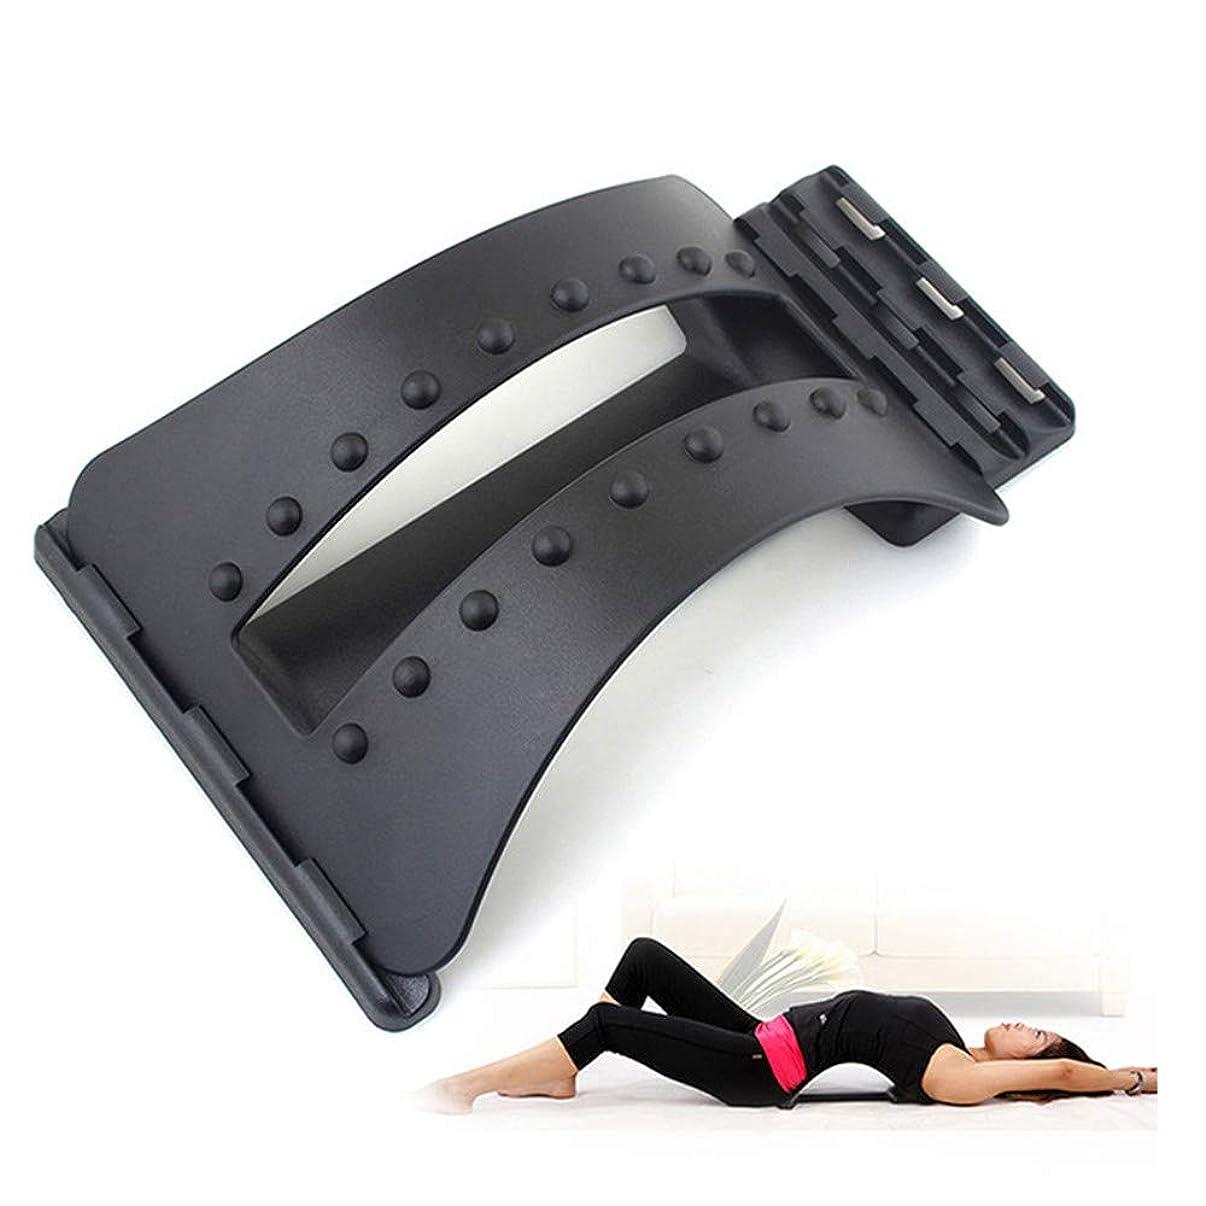 出撃者振り向く指標背中マッサージストレッチャーフィットネスマッサージ機器ストレッチリラックスストレッチャー腰椎サポート脊椎疼痛救済カイロプラクティックドロップシップ